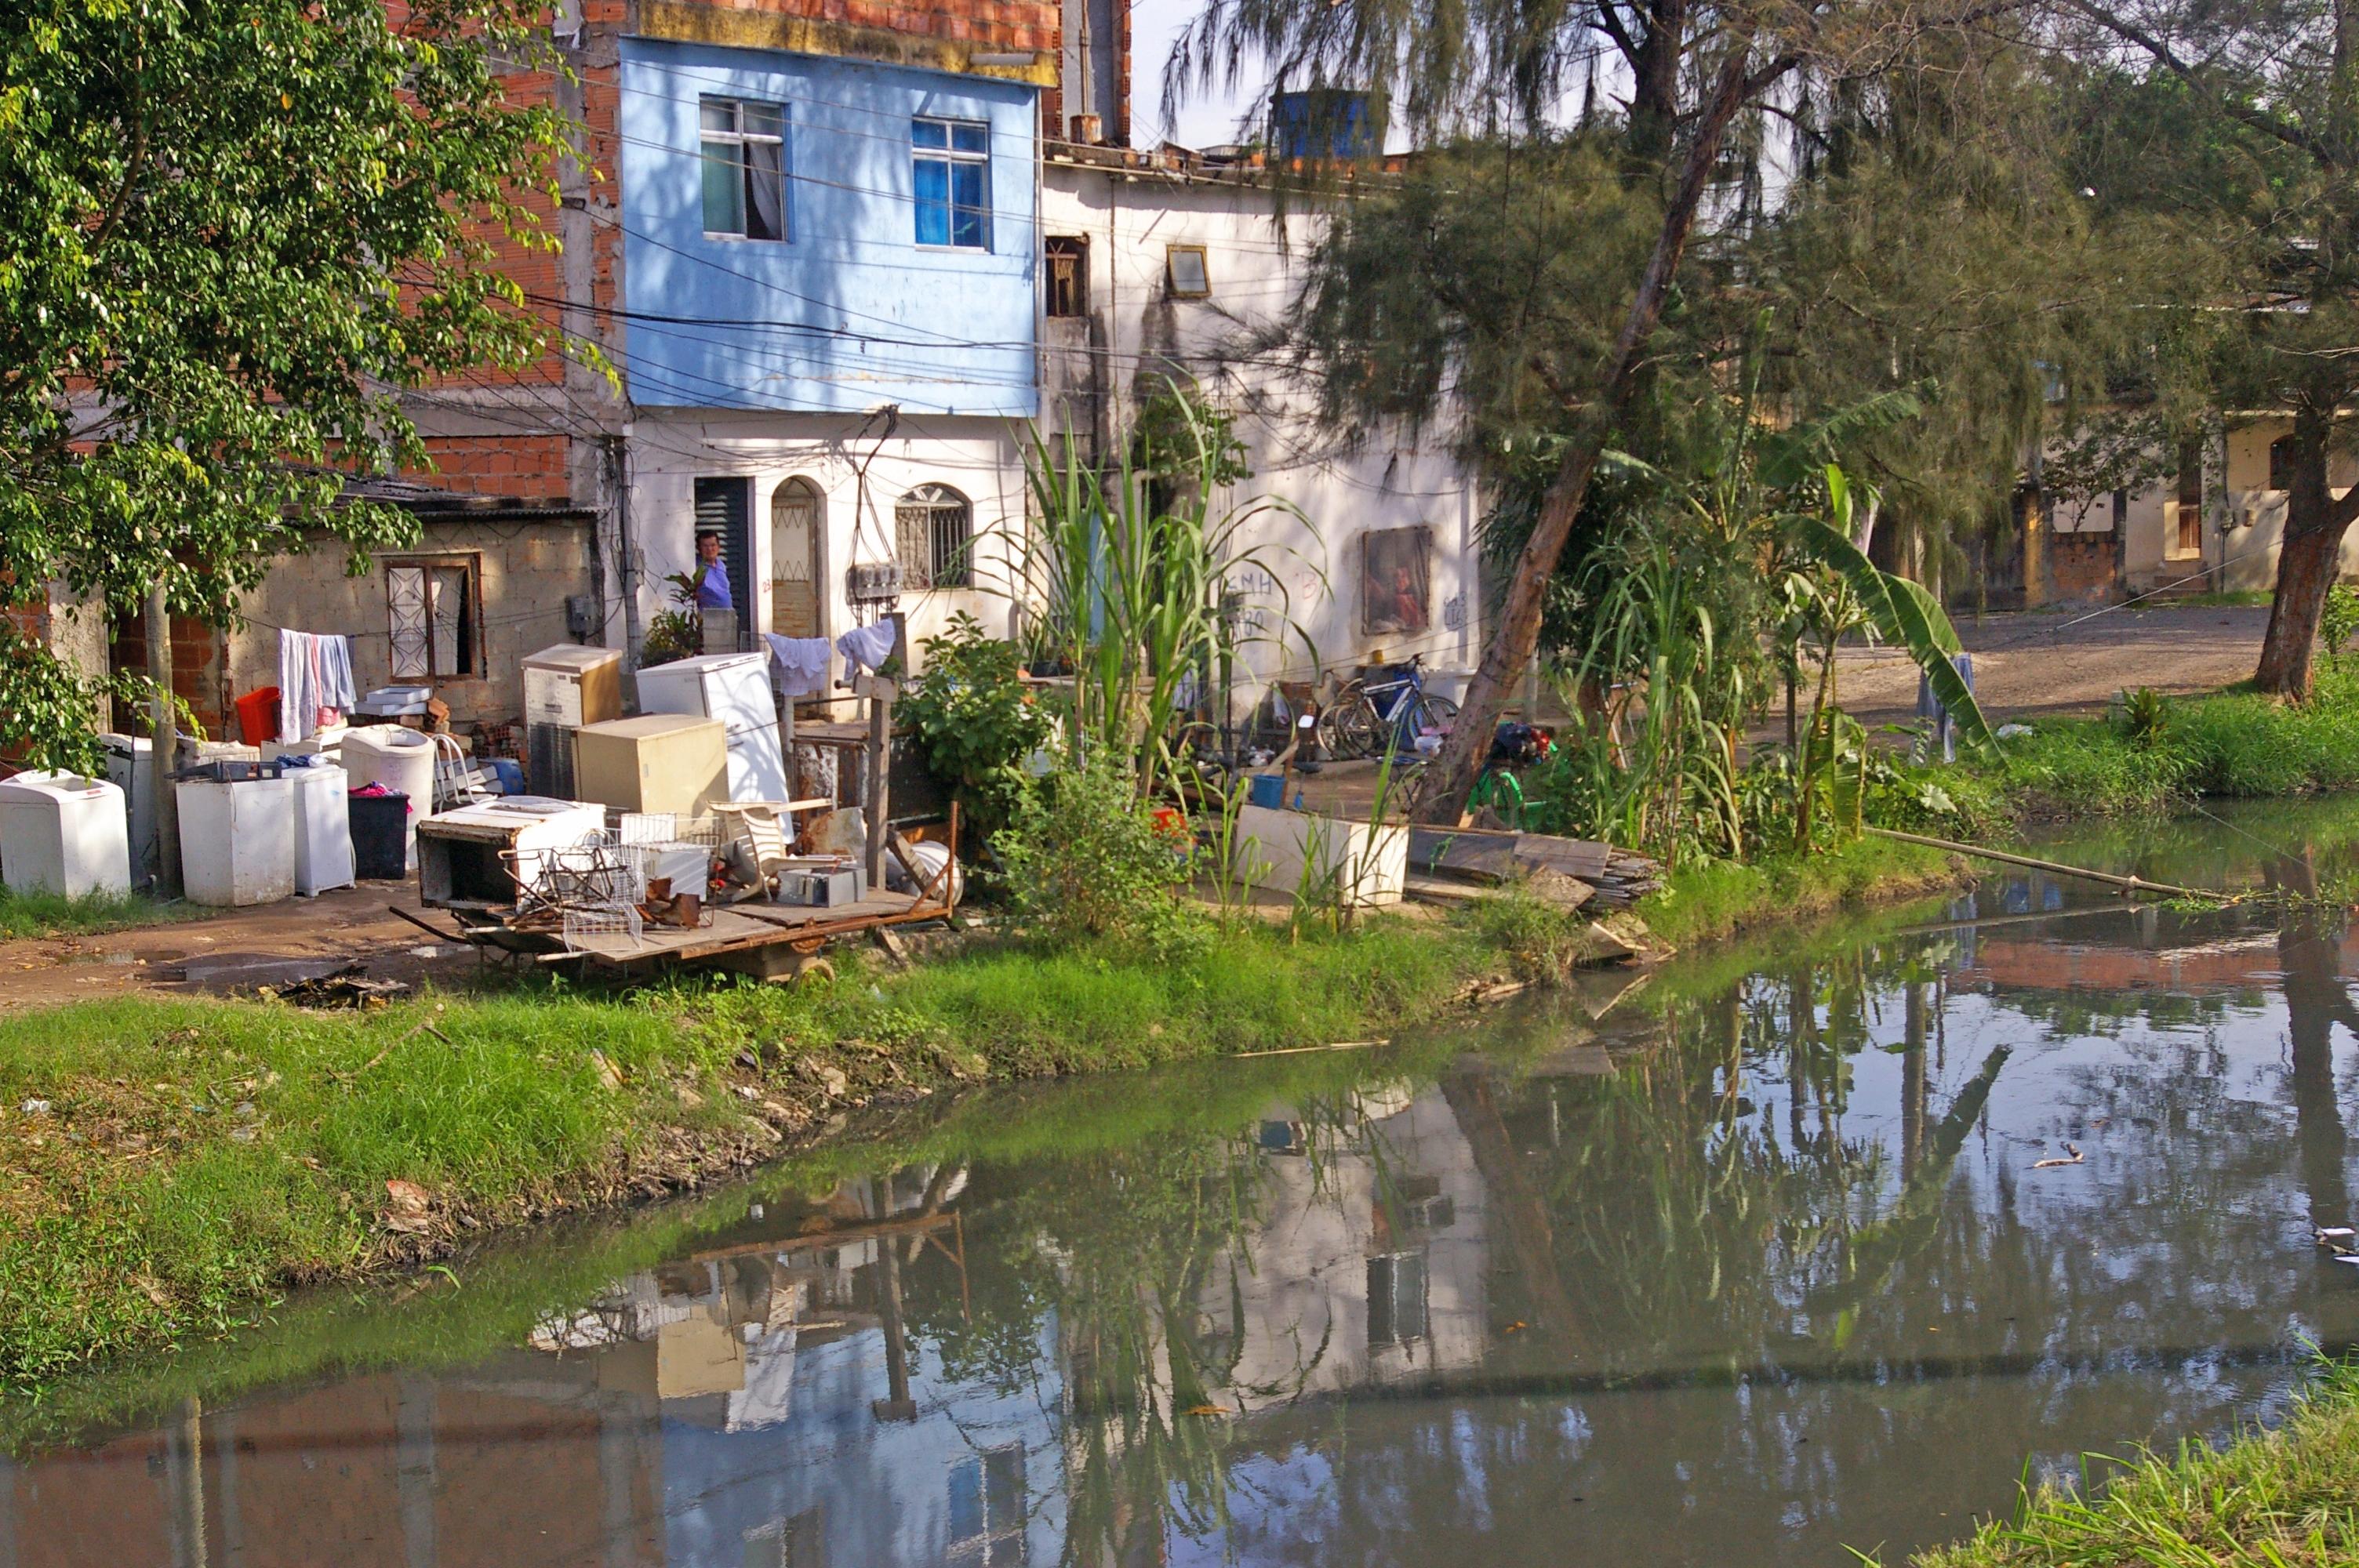 Une rivière hautement polluée prés de la conférence - Jamais les délégués et les militants n'ont remarqué cette rivière qui pue et empoisonne des centaines de Brésiliens à quelques centaines de mètres de la conférence